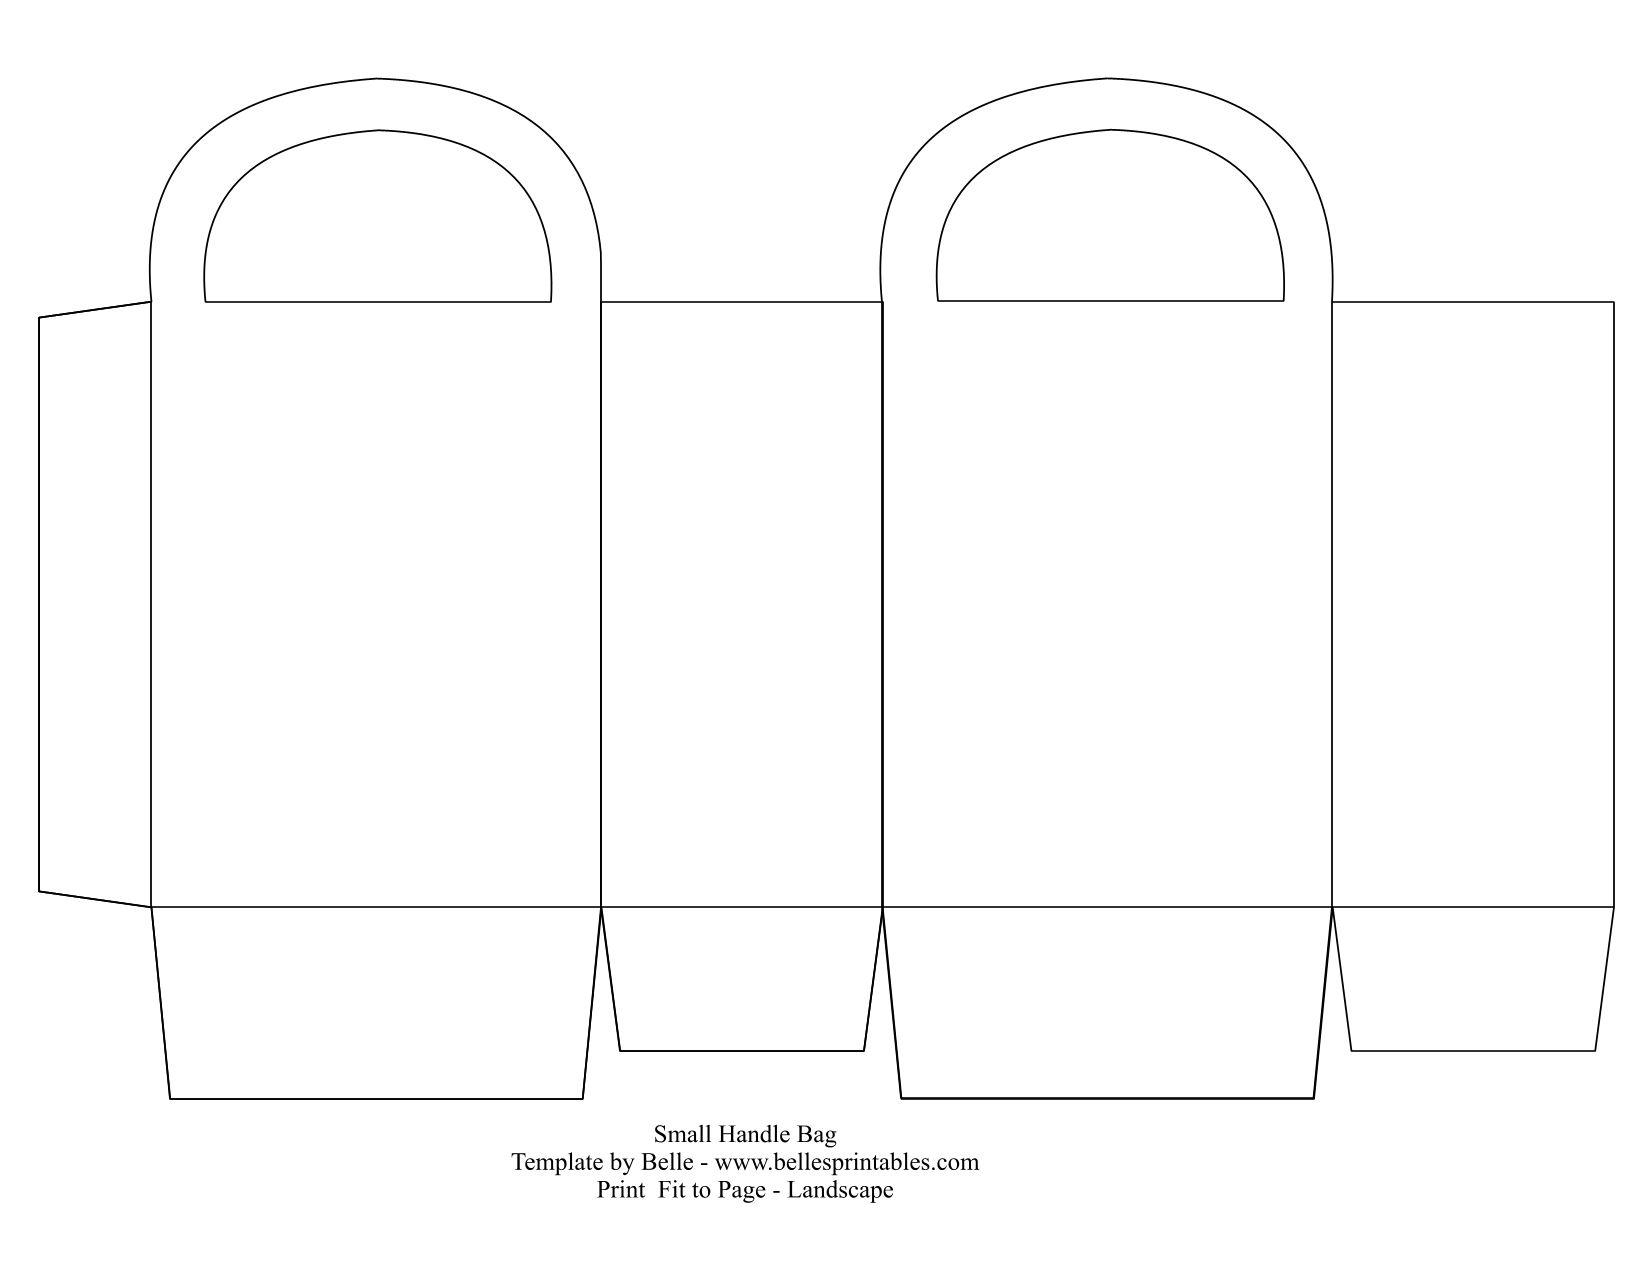 Tote bag template illustrator - Tote Bag Template Illustrator 24